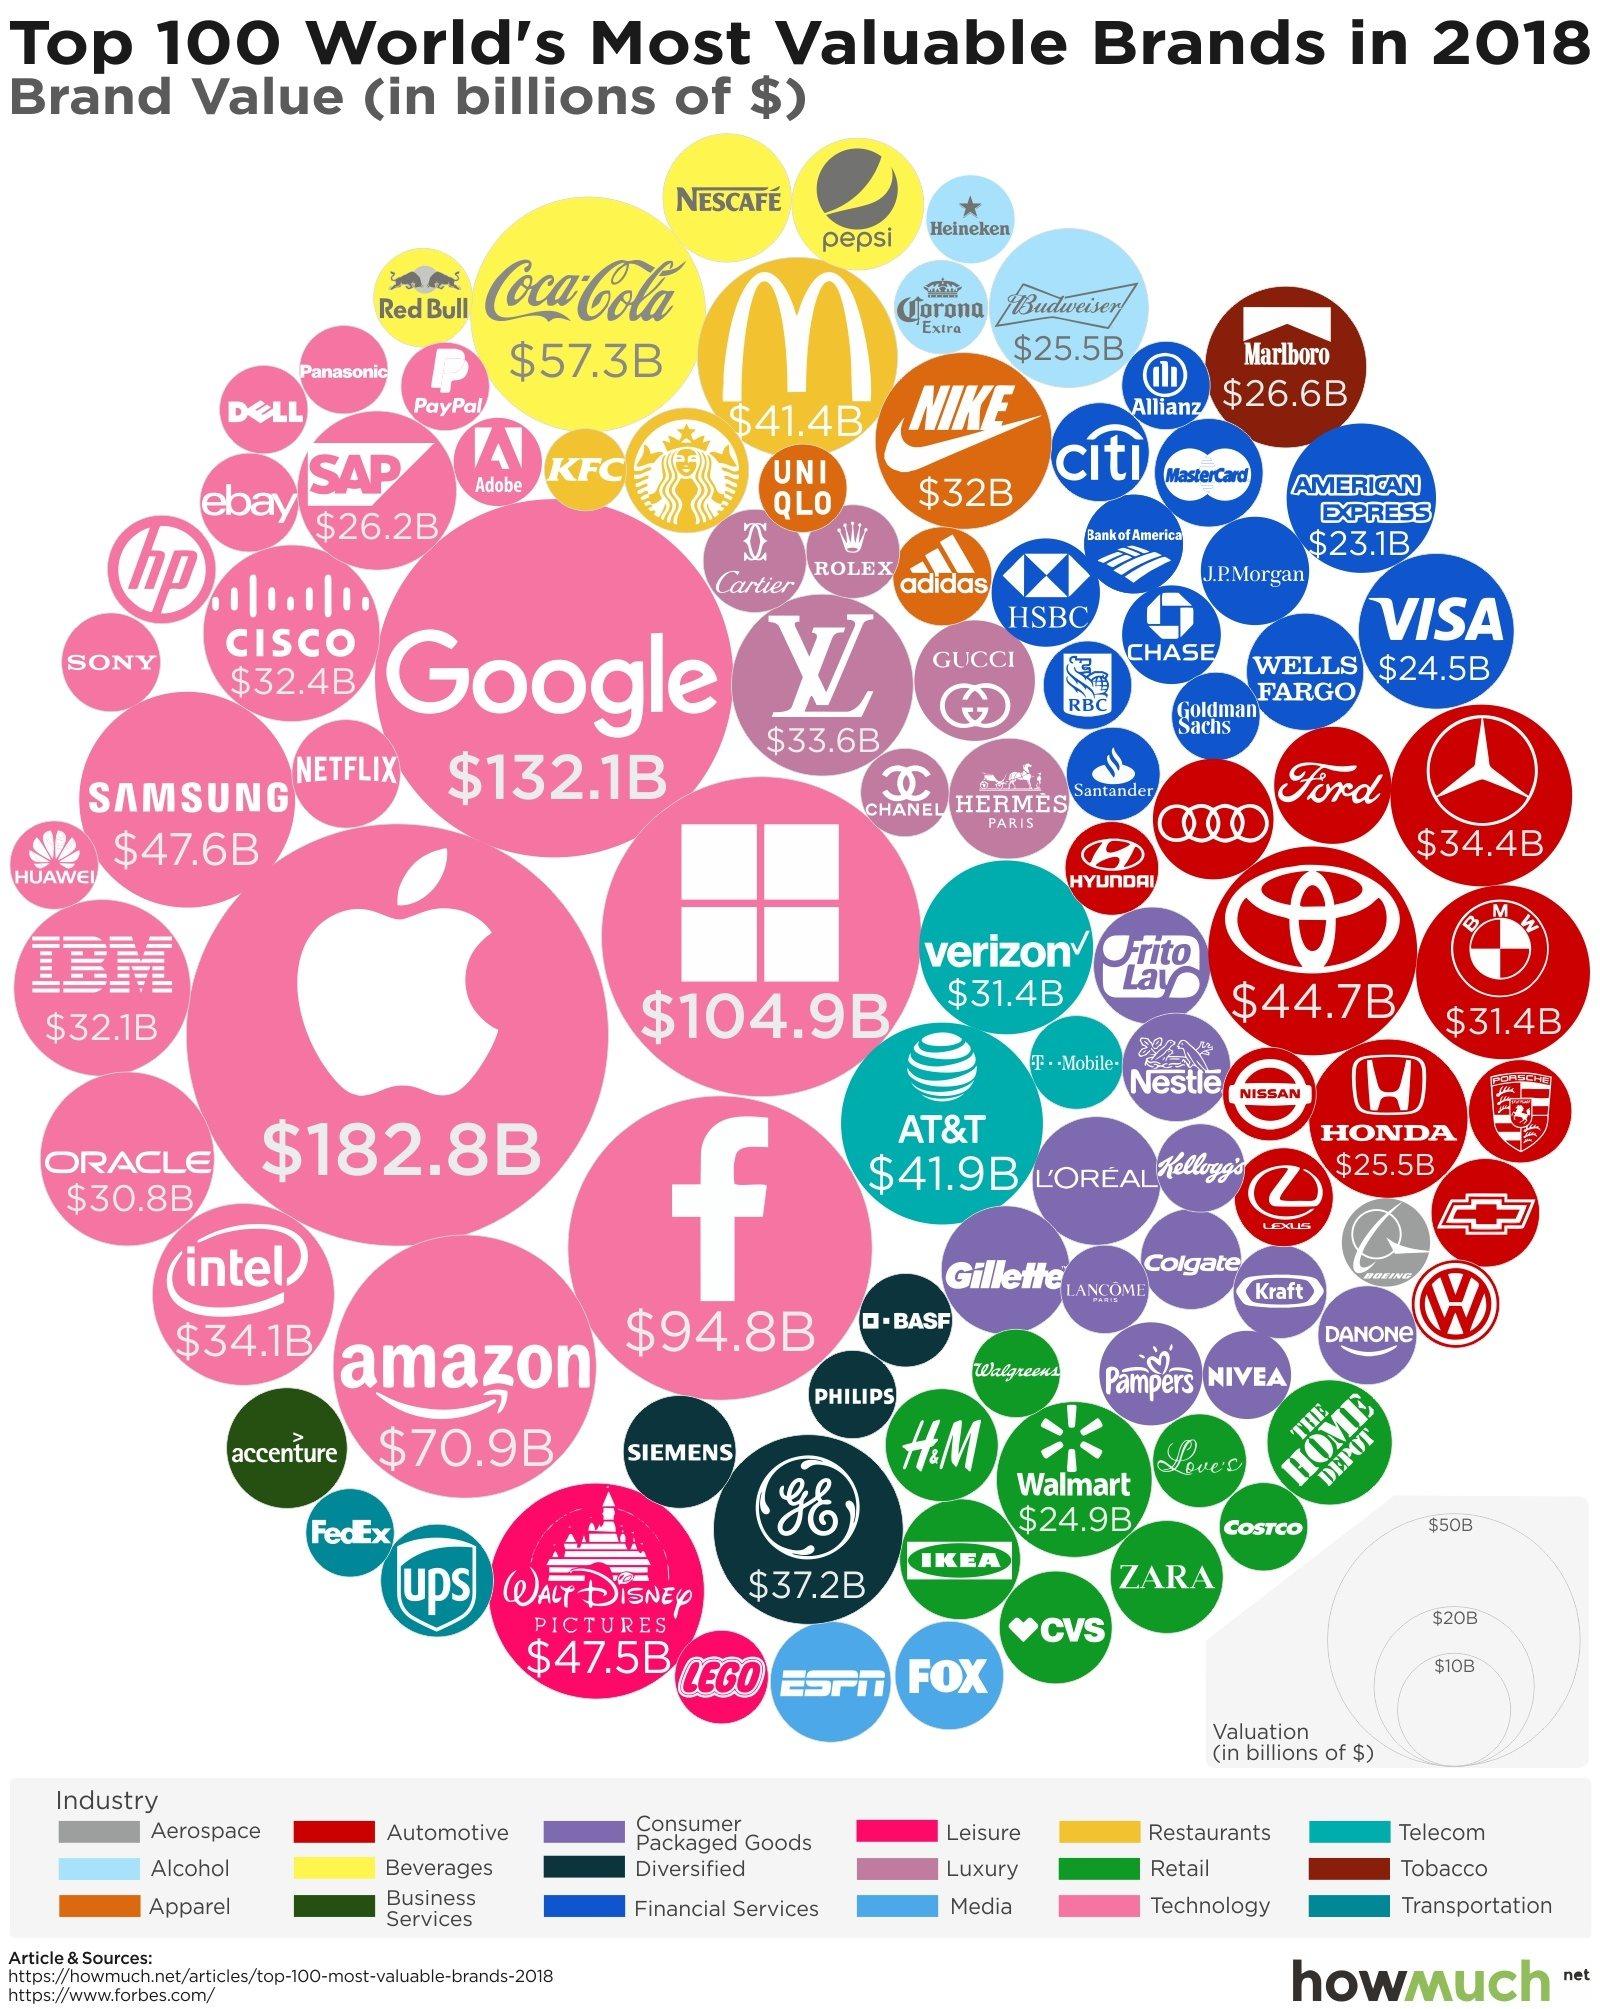 6df1c3bb4eb Все компании цветом поделены по сферам деятельности